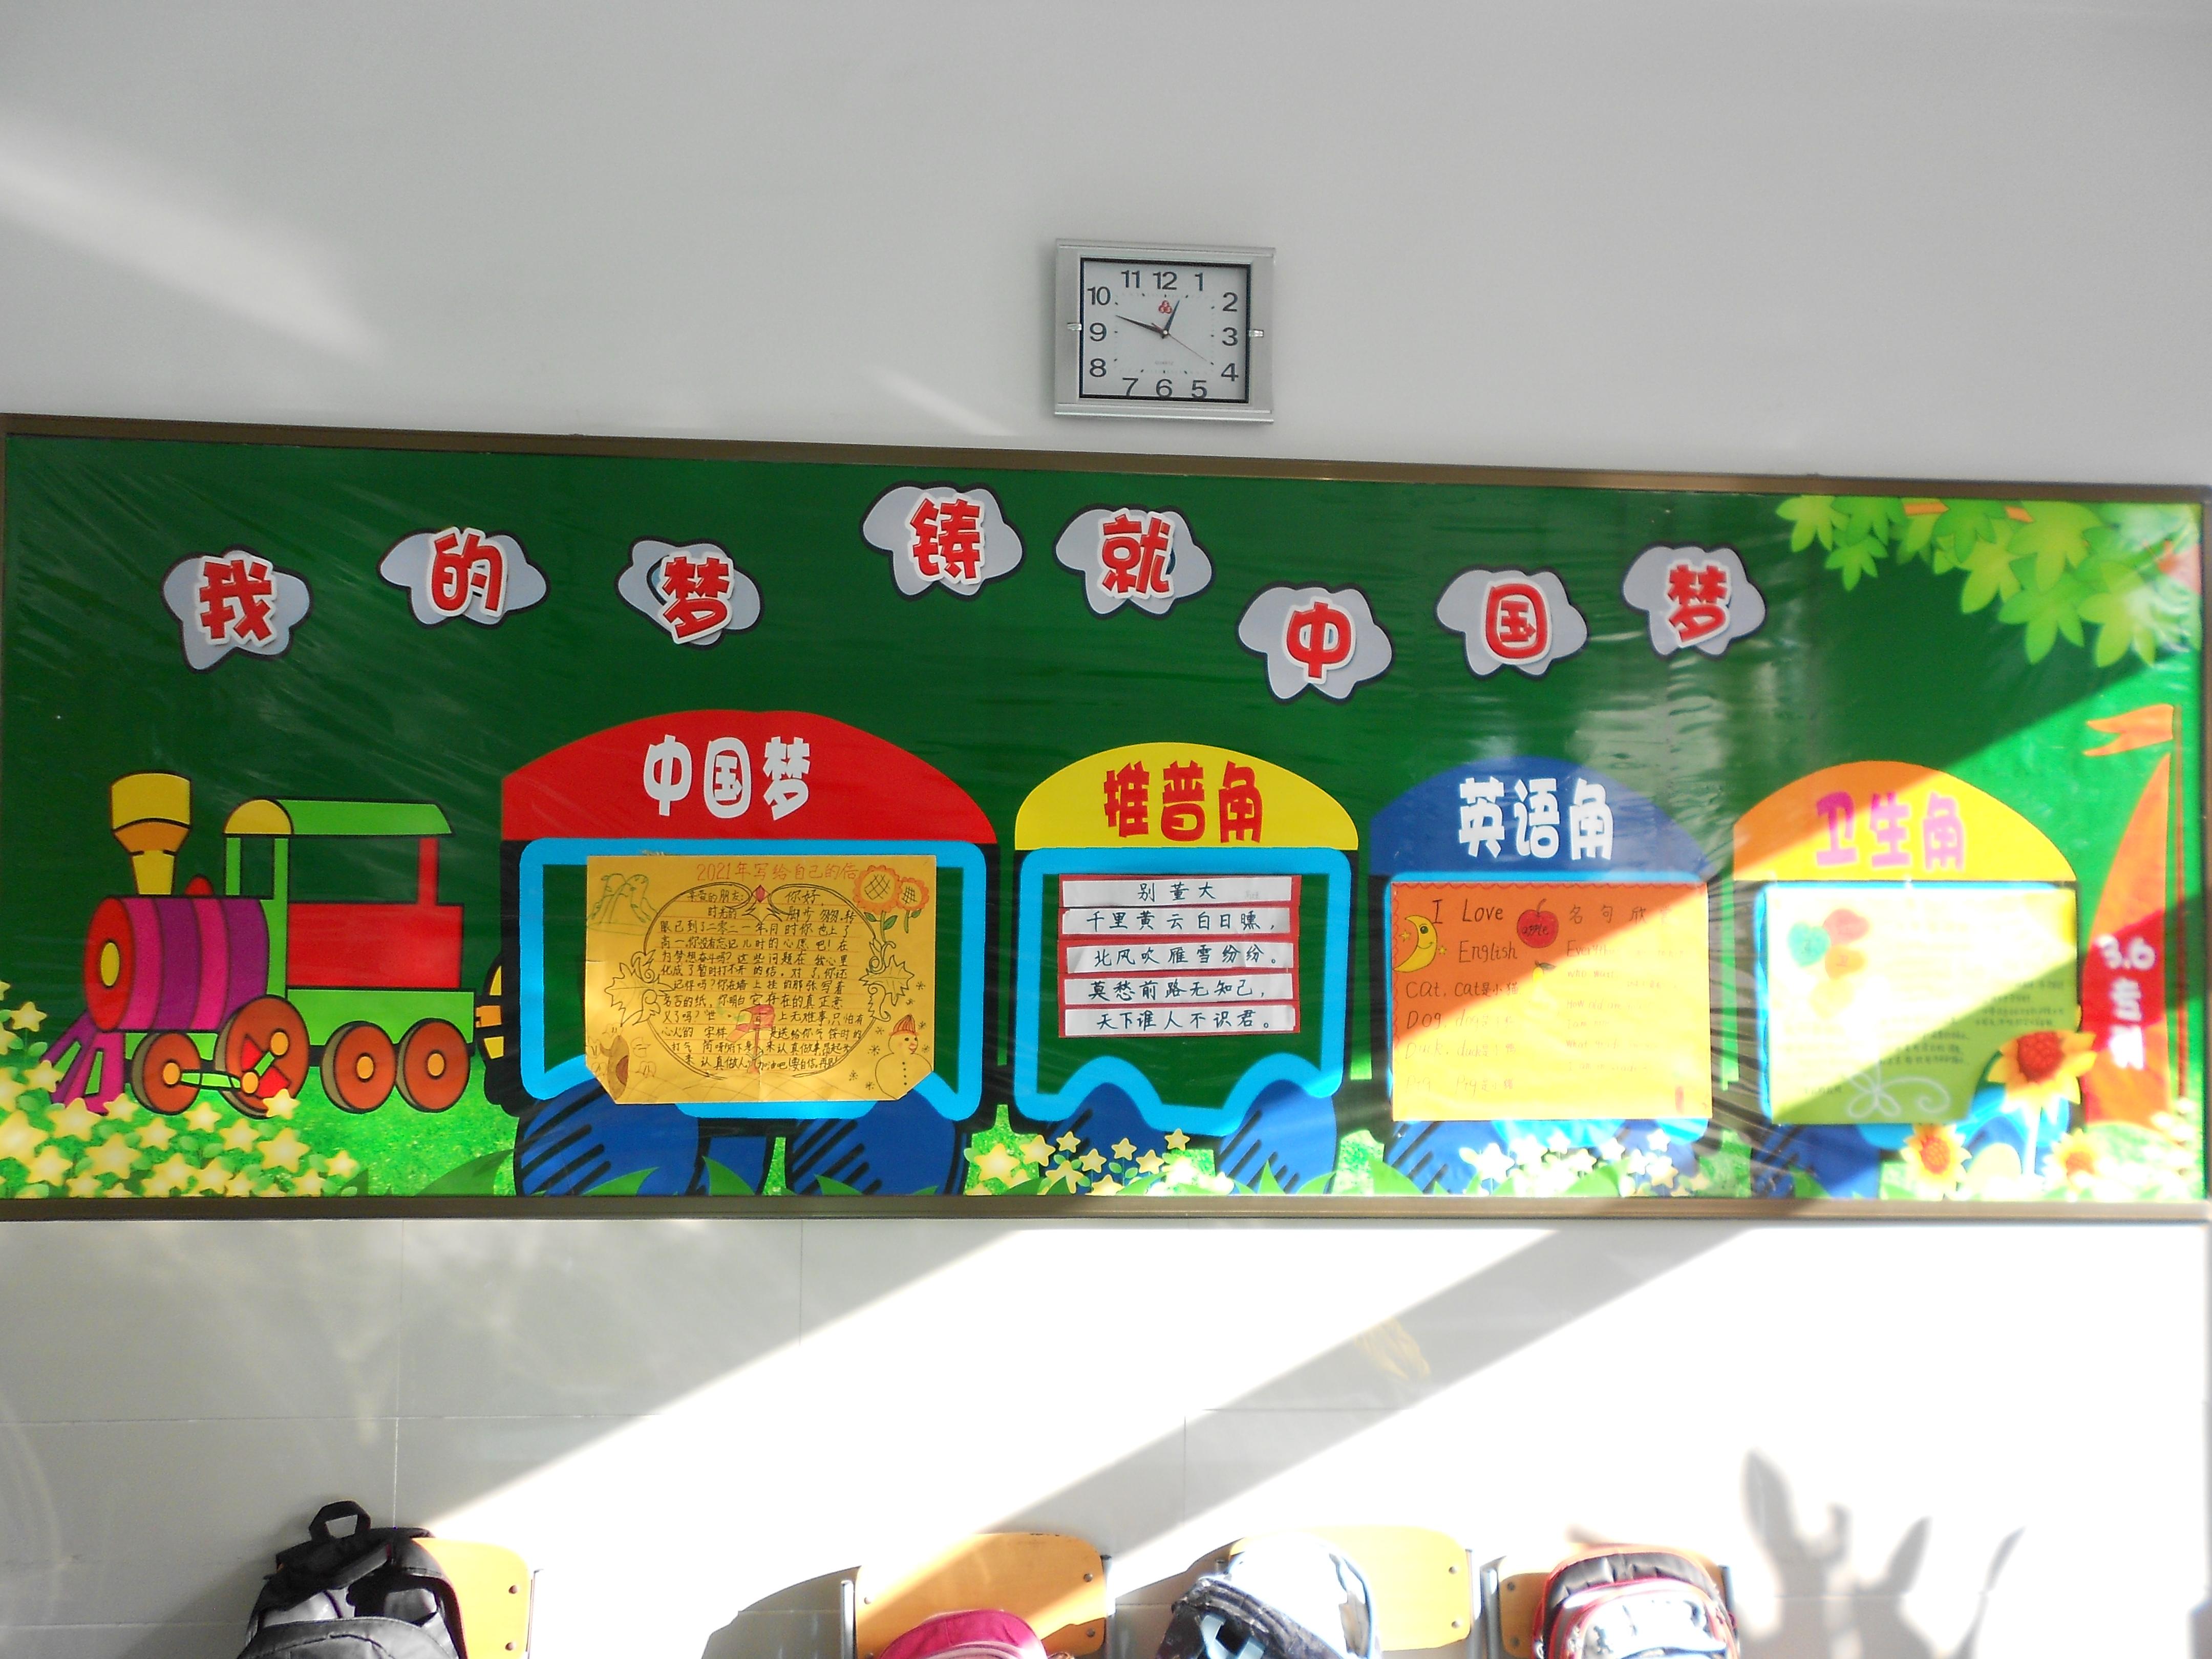 中国梦板报 红领巾相约 中国梦 动态上传